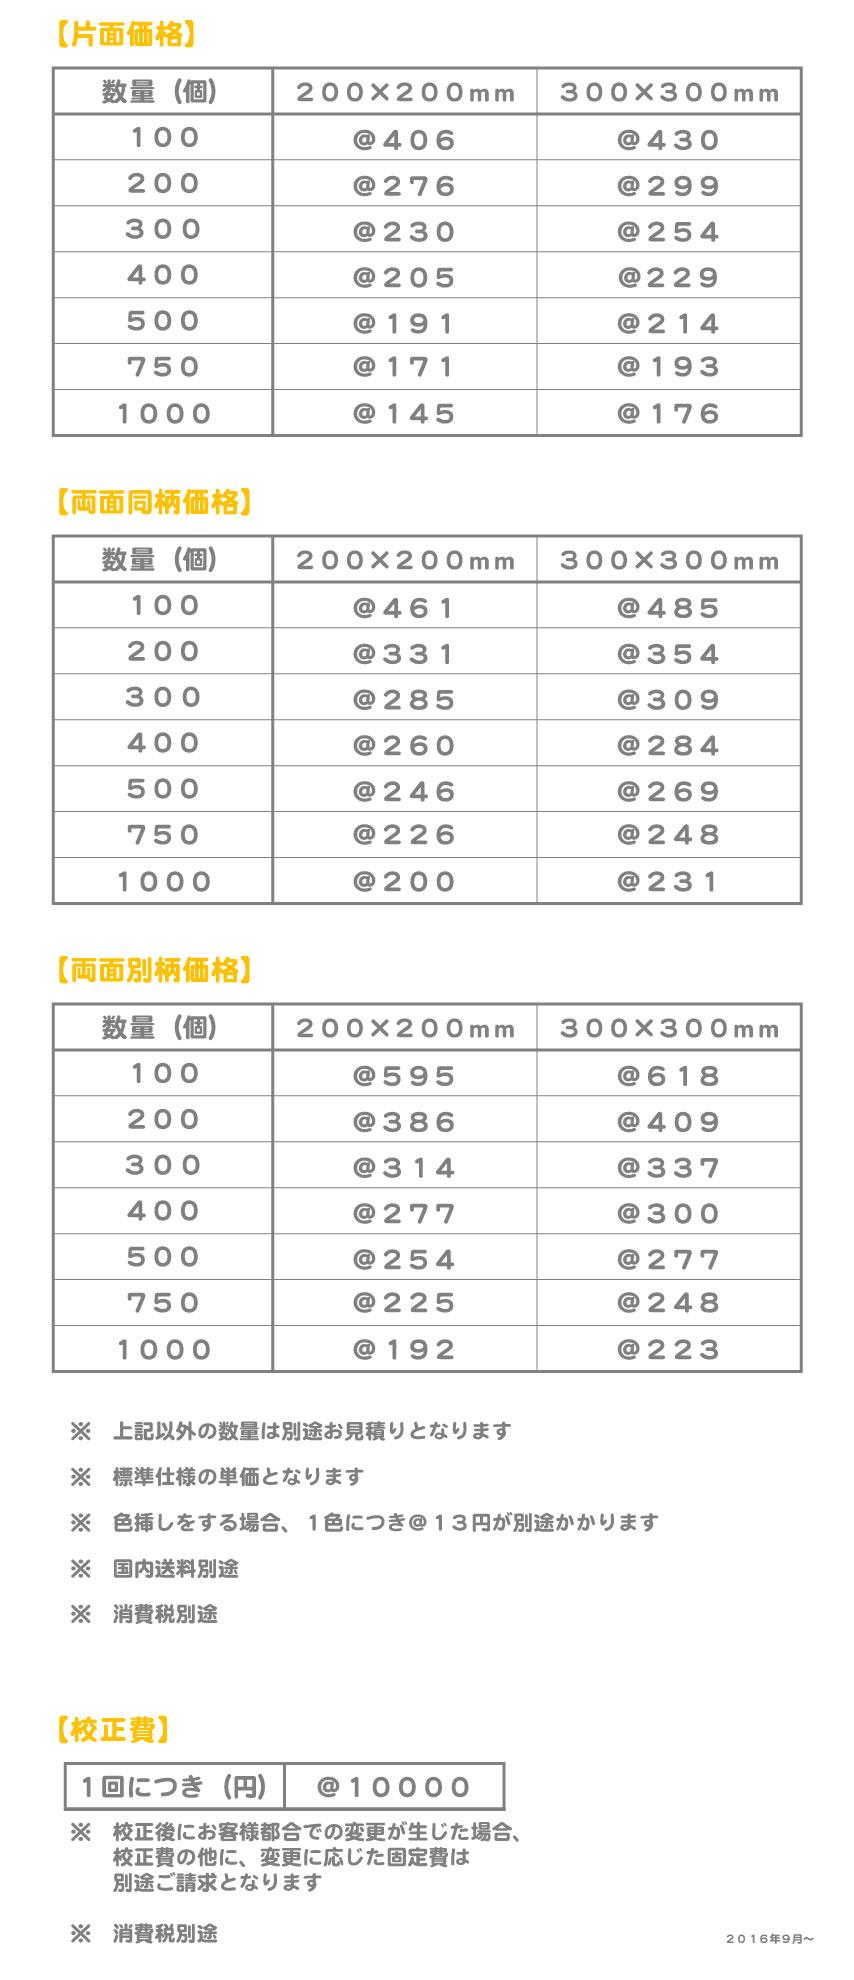 マイクロファイバー価格表